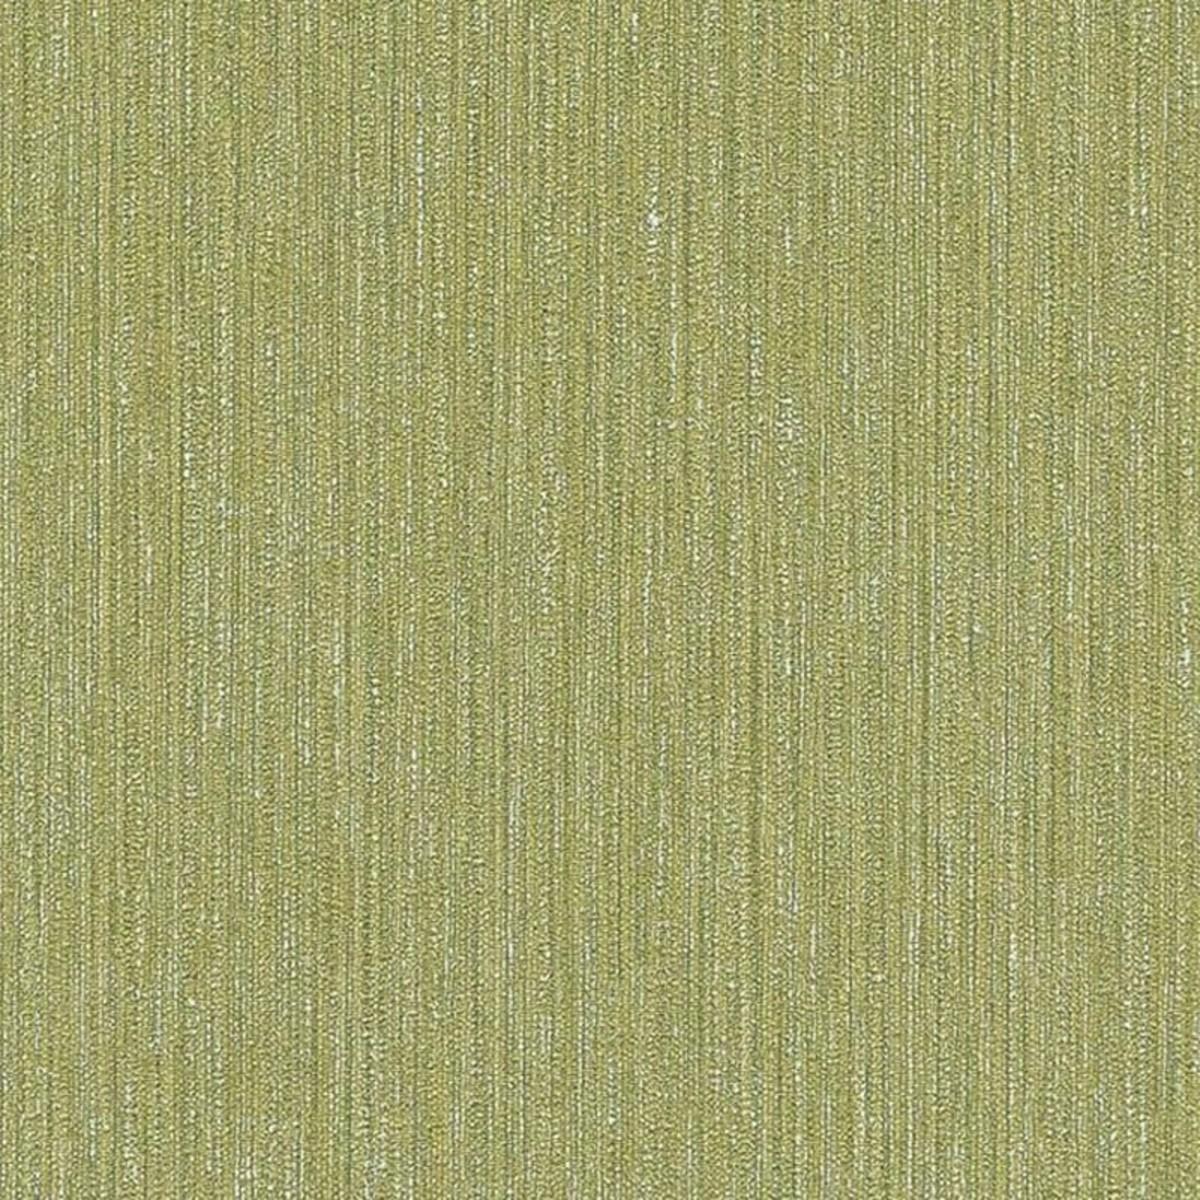 Обои виниловые Gaenari зеленые 1.06 м 88250-4